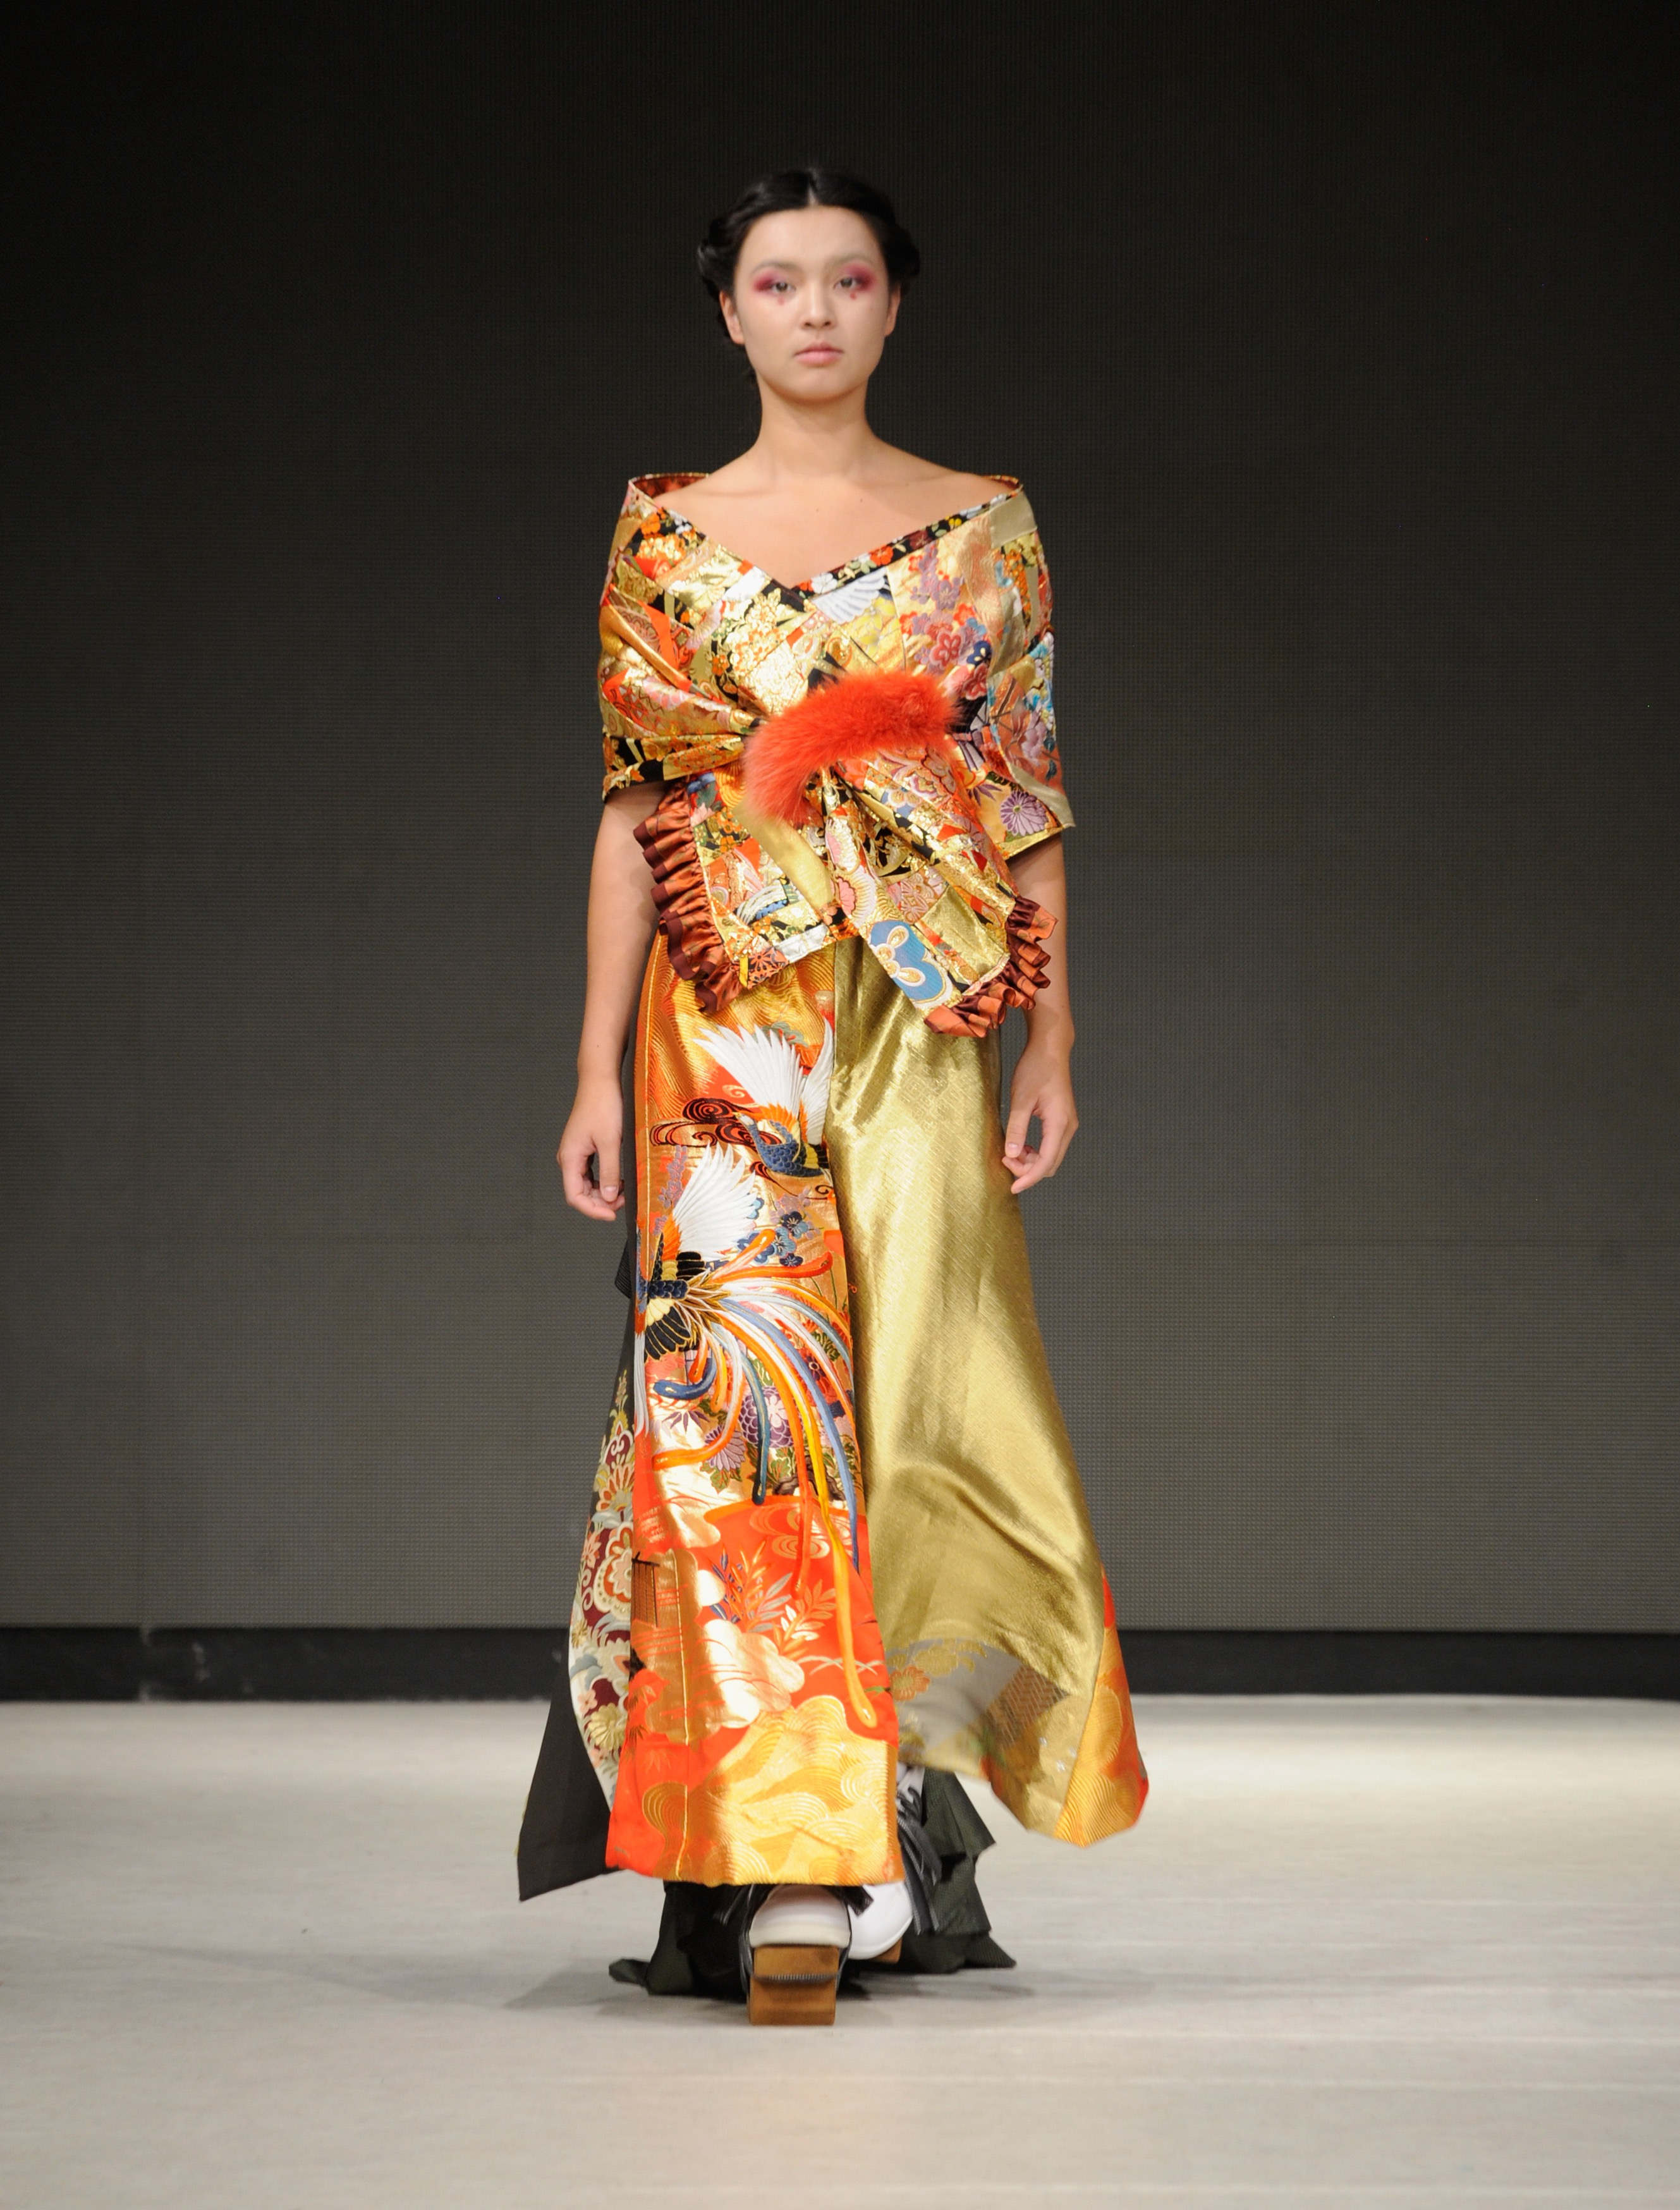 vancovuer fashion week ss 2018 Minori Isomichi